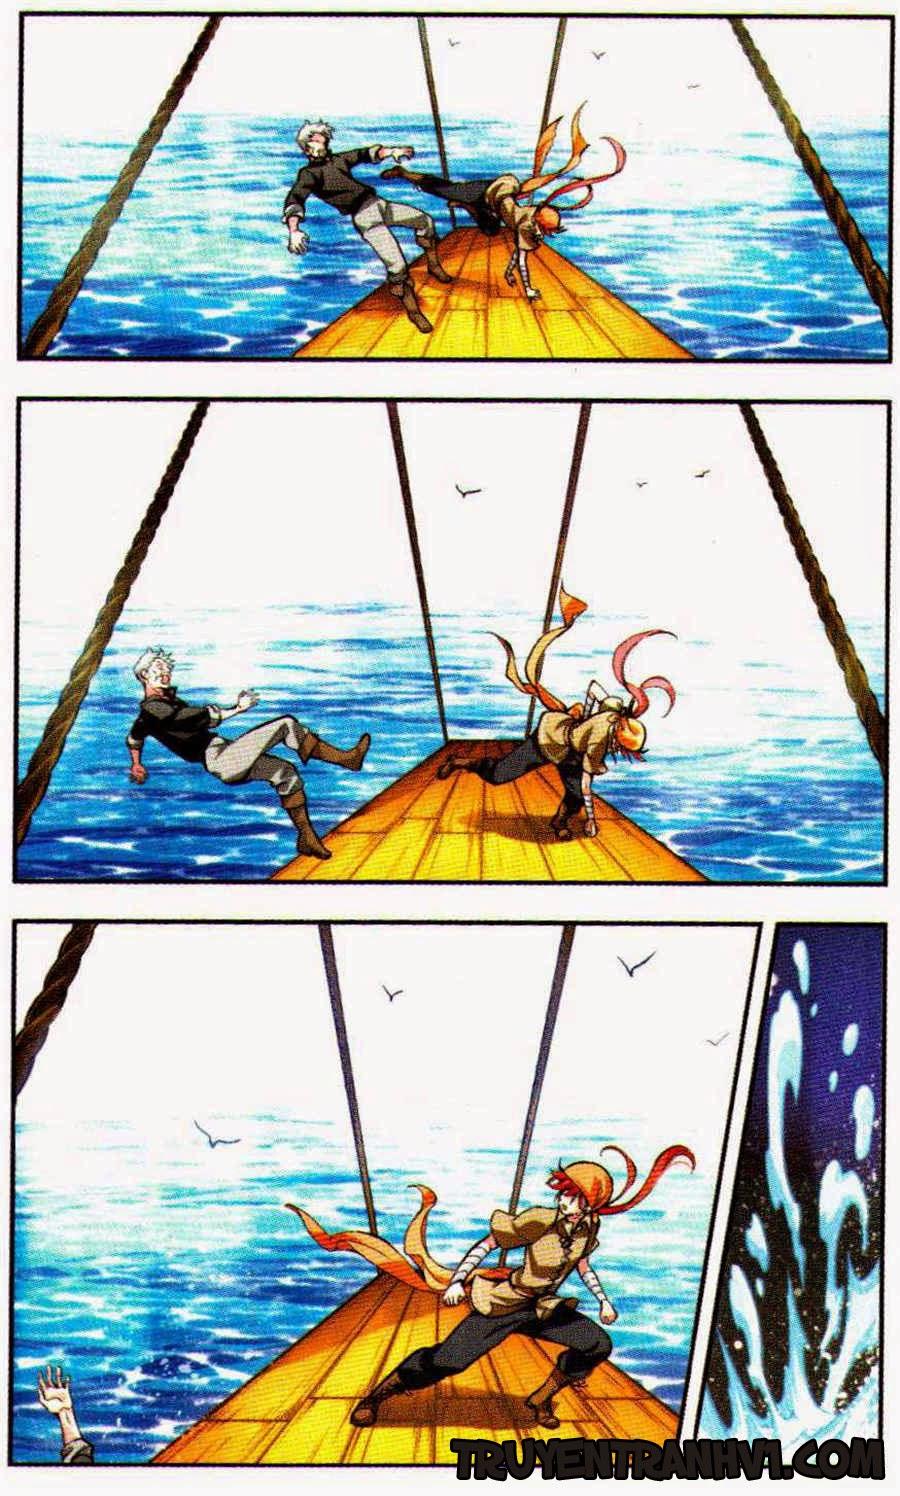 Lưu Luyến Biển Xanh Chap 7